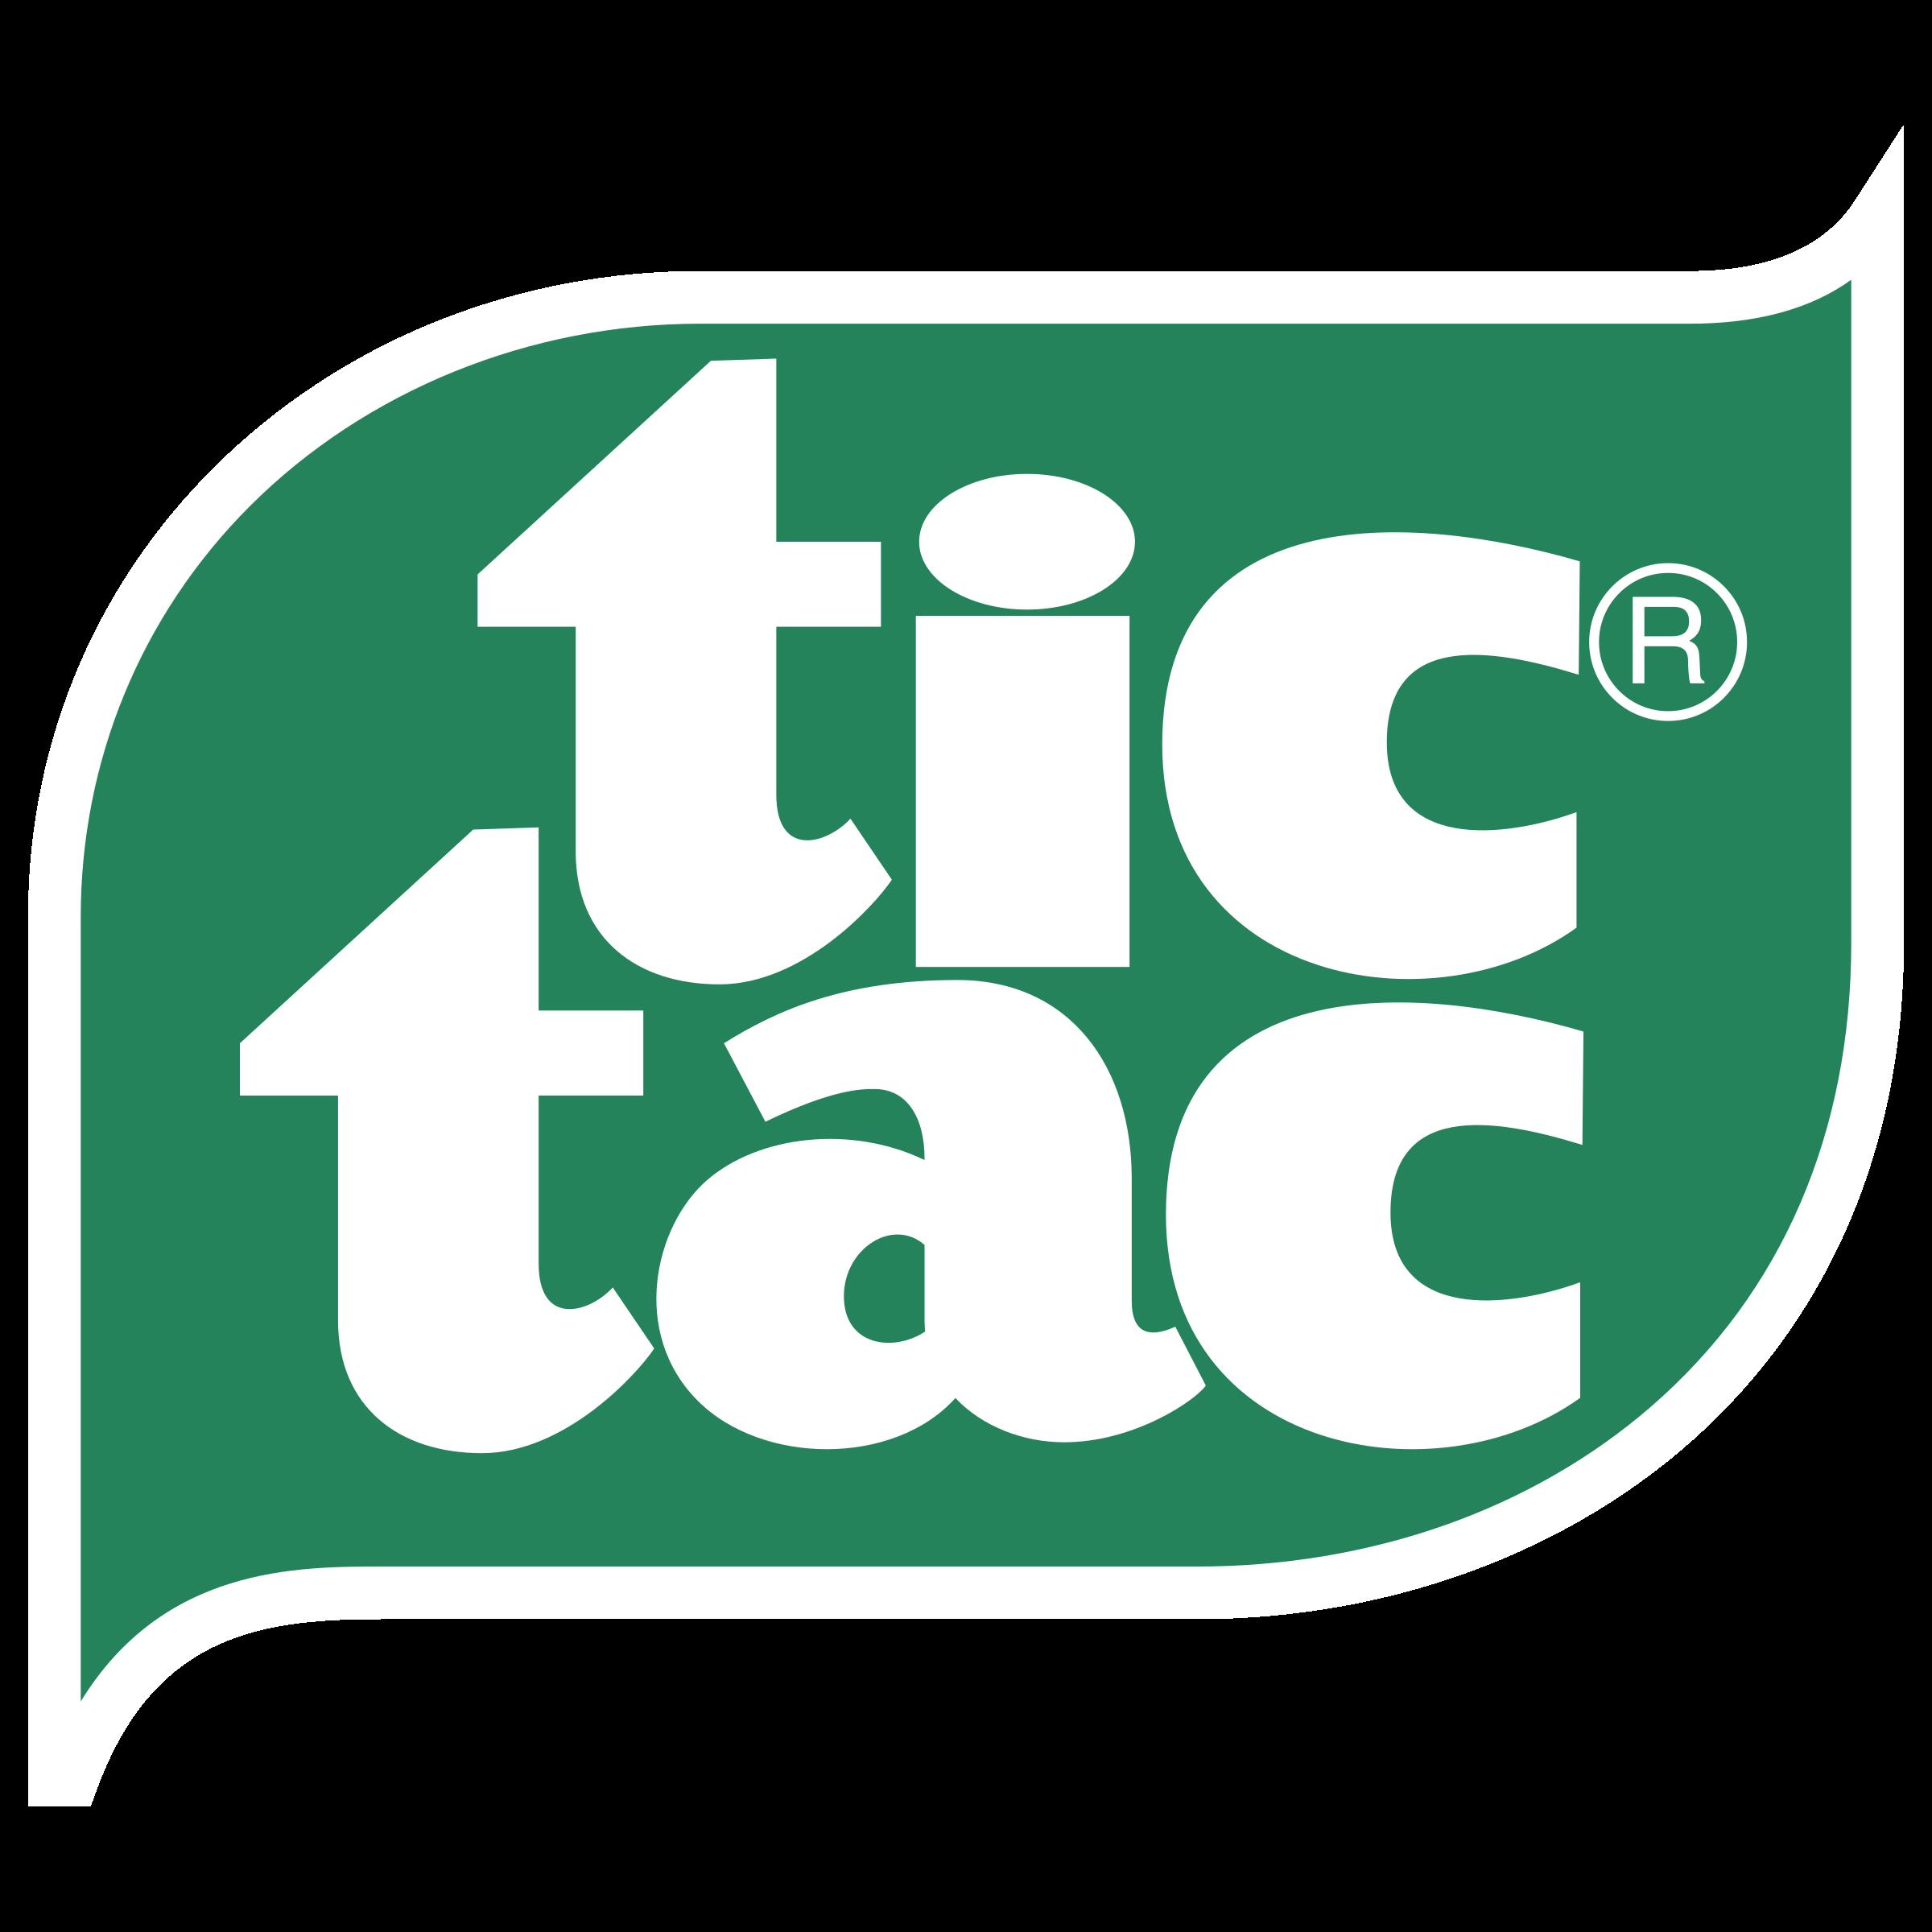 Tic Tac Logo PNG Transparent & SVG Vector.